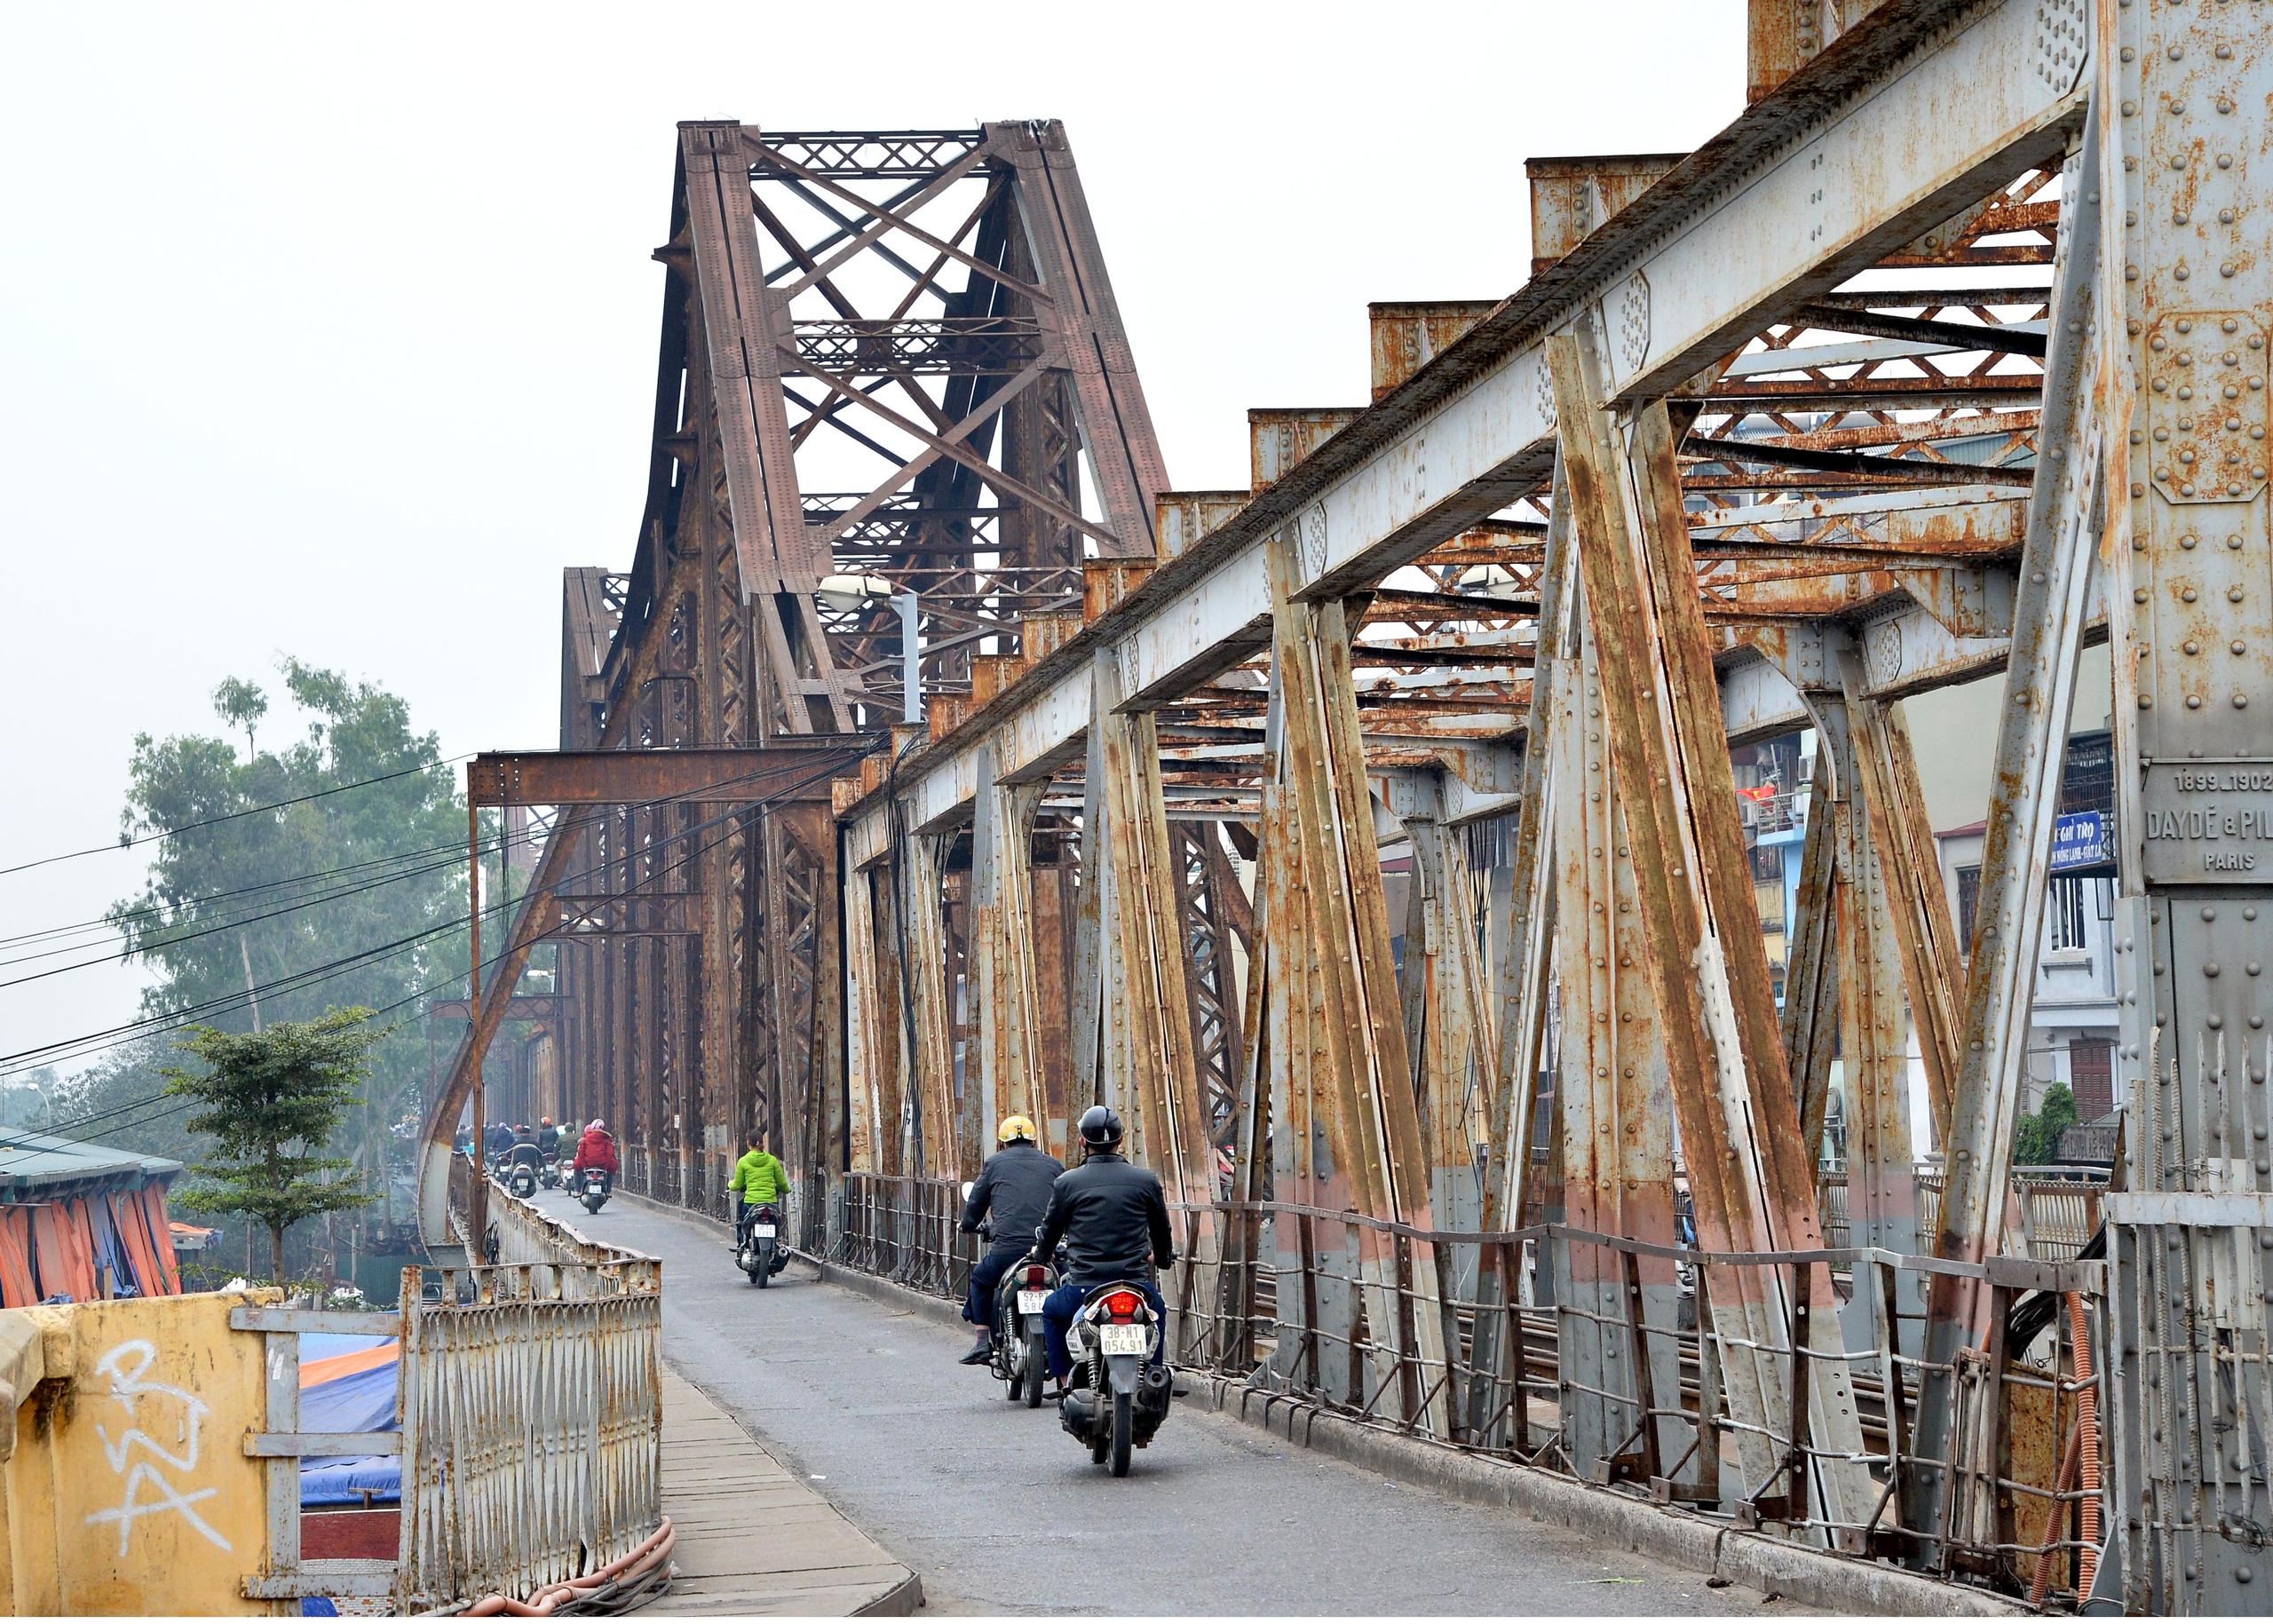 Bộ Giao thông Vận tải sẽ ưu tiên kinh phí duy tu, sửa chữa cầu Long Biên - Ảnh 1.